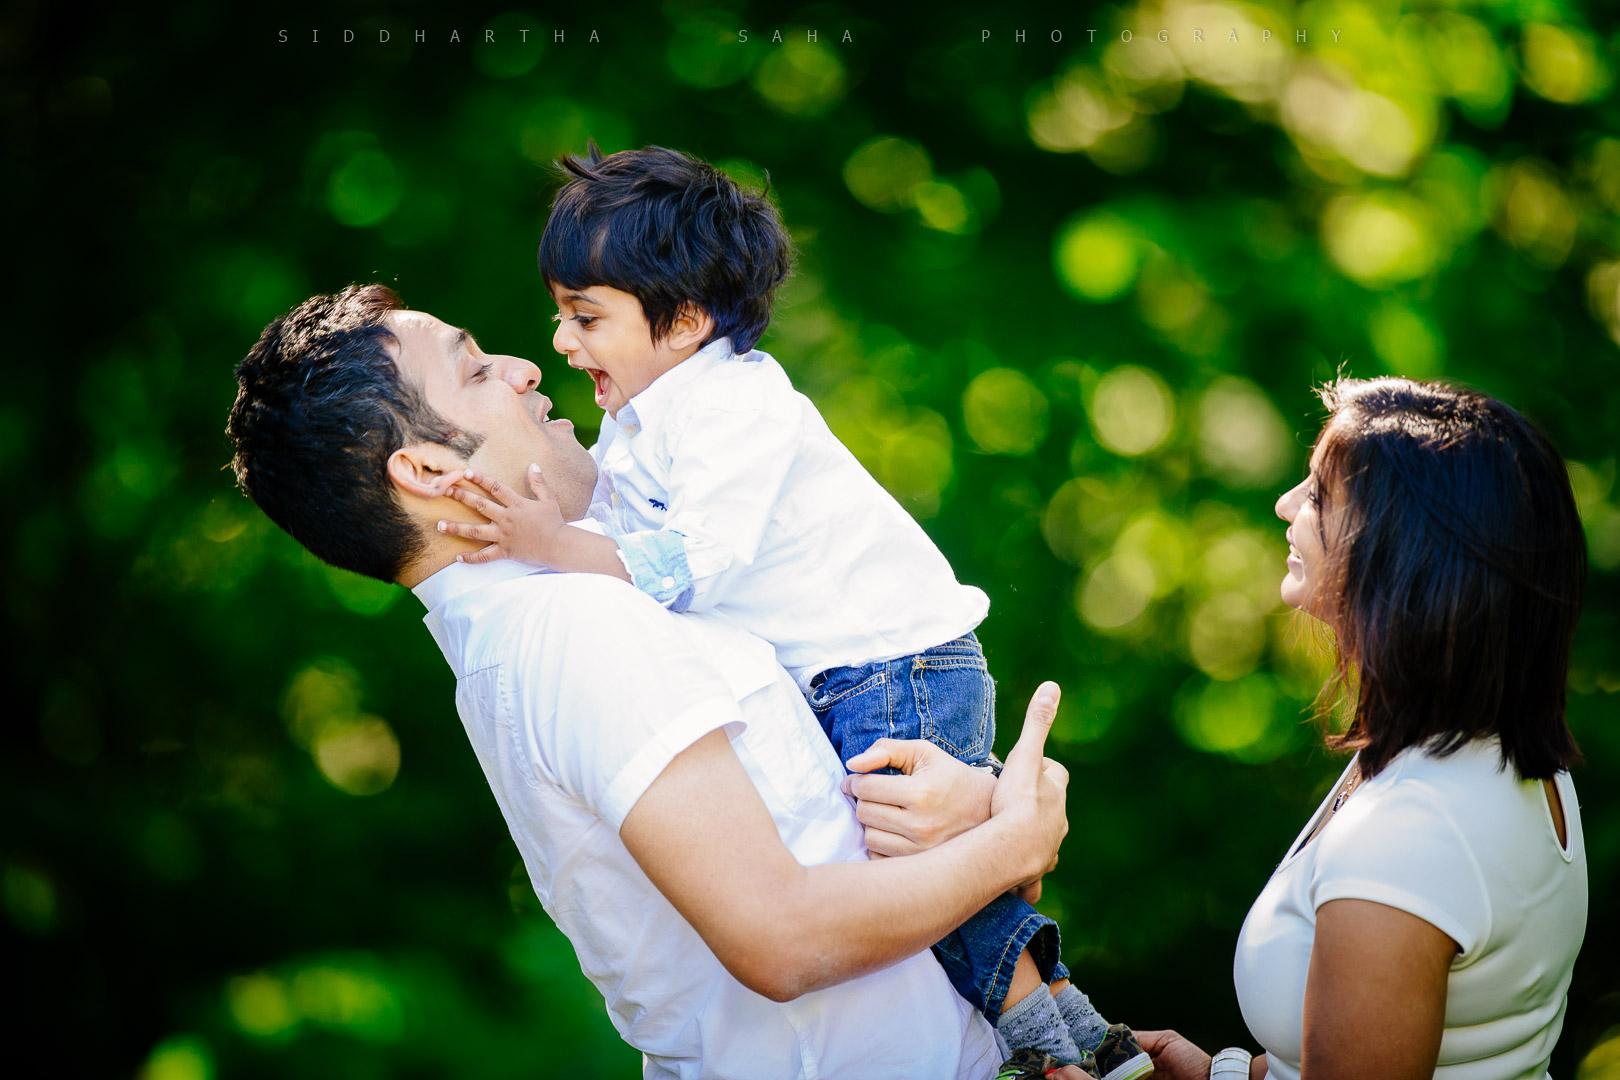 2015-06-14 - Ranjani Naveen Vihaan Photoshoot - _05Y6481